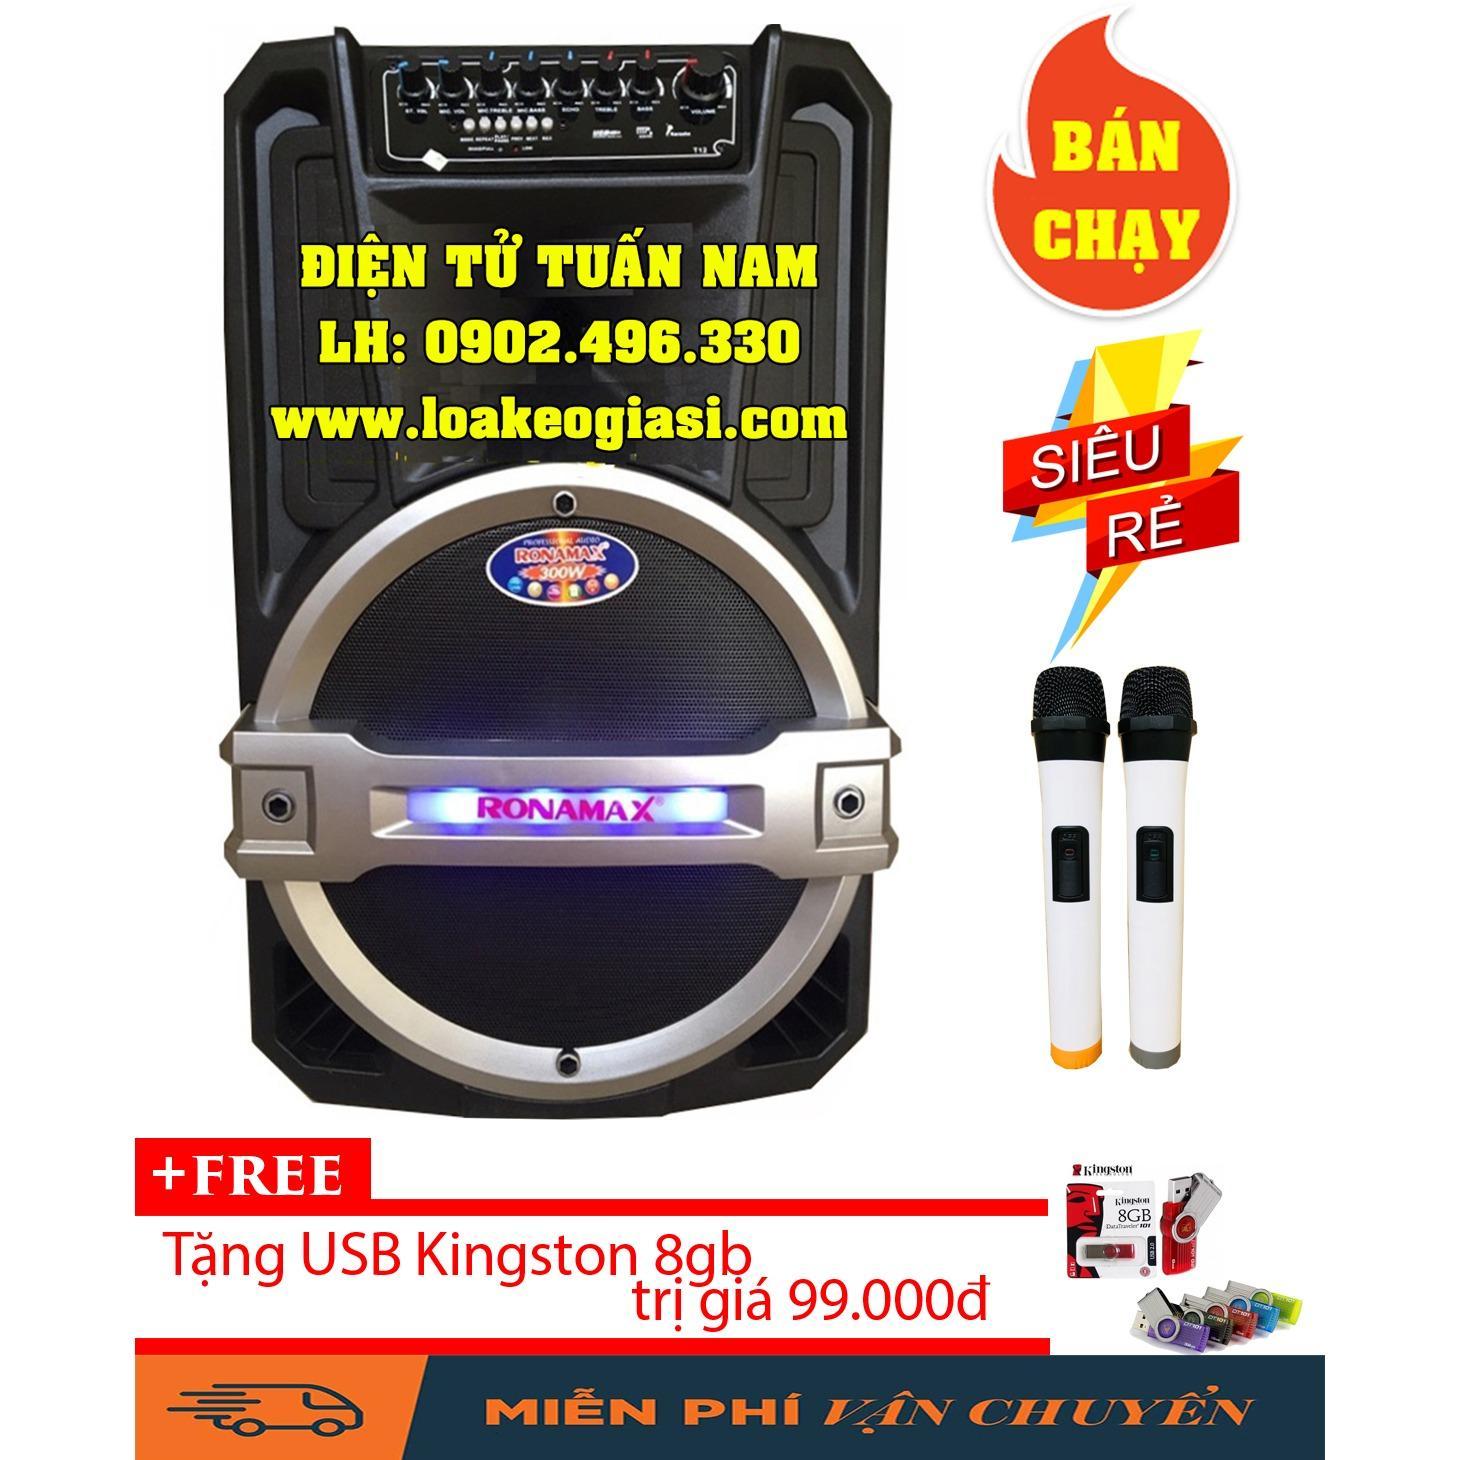 Cửa Hàng Loa Keo Bluetooth Ronamax T12 3 Tấc Tặng Usb 8Gb Trong Hồ Chí Minh